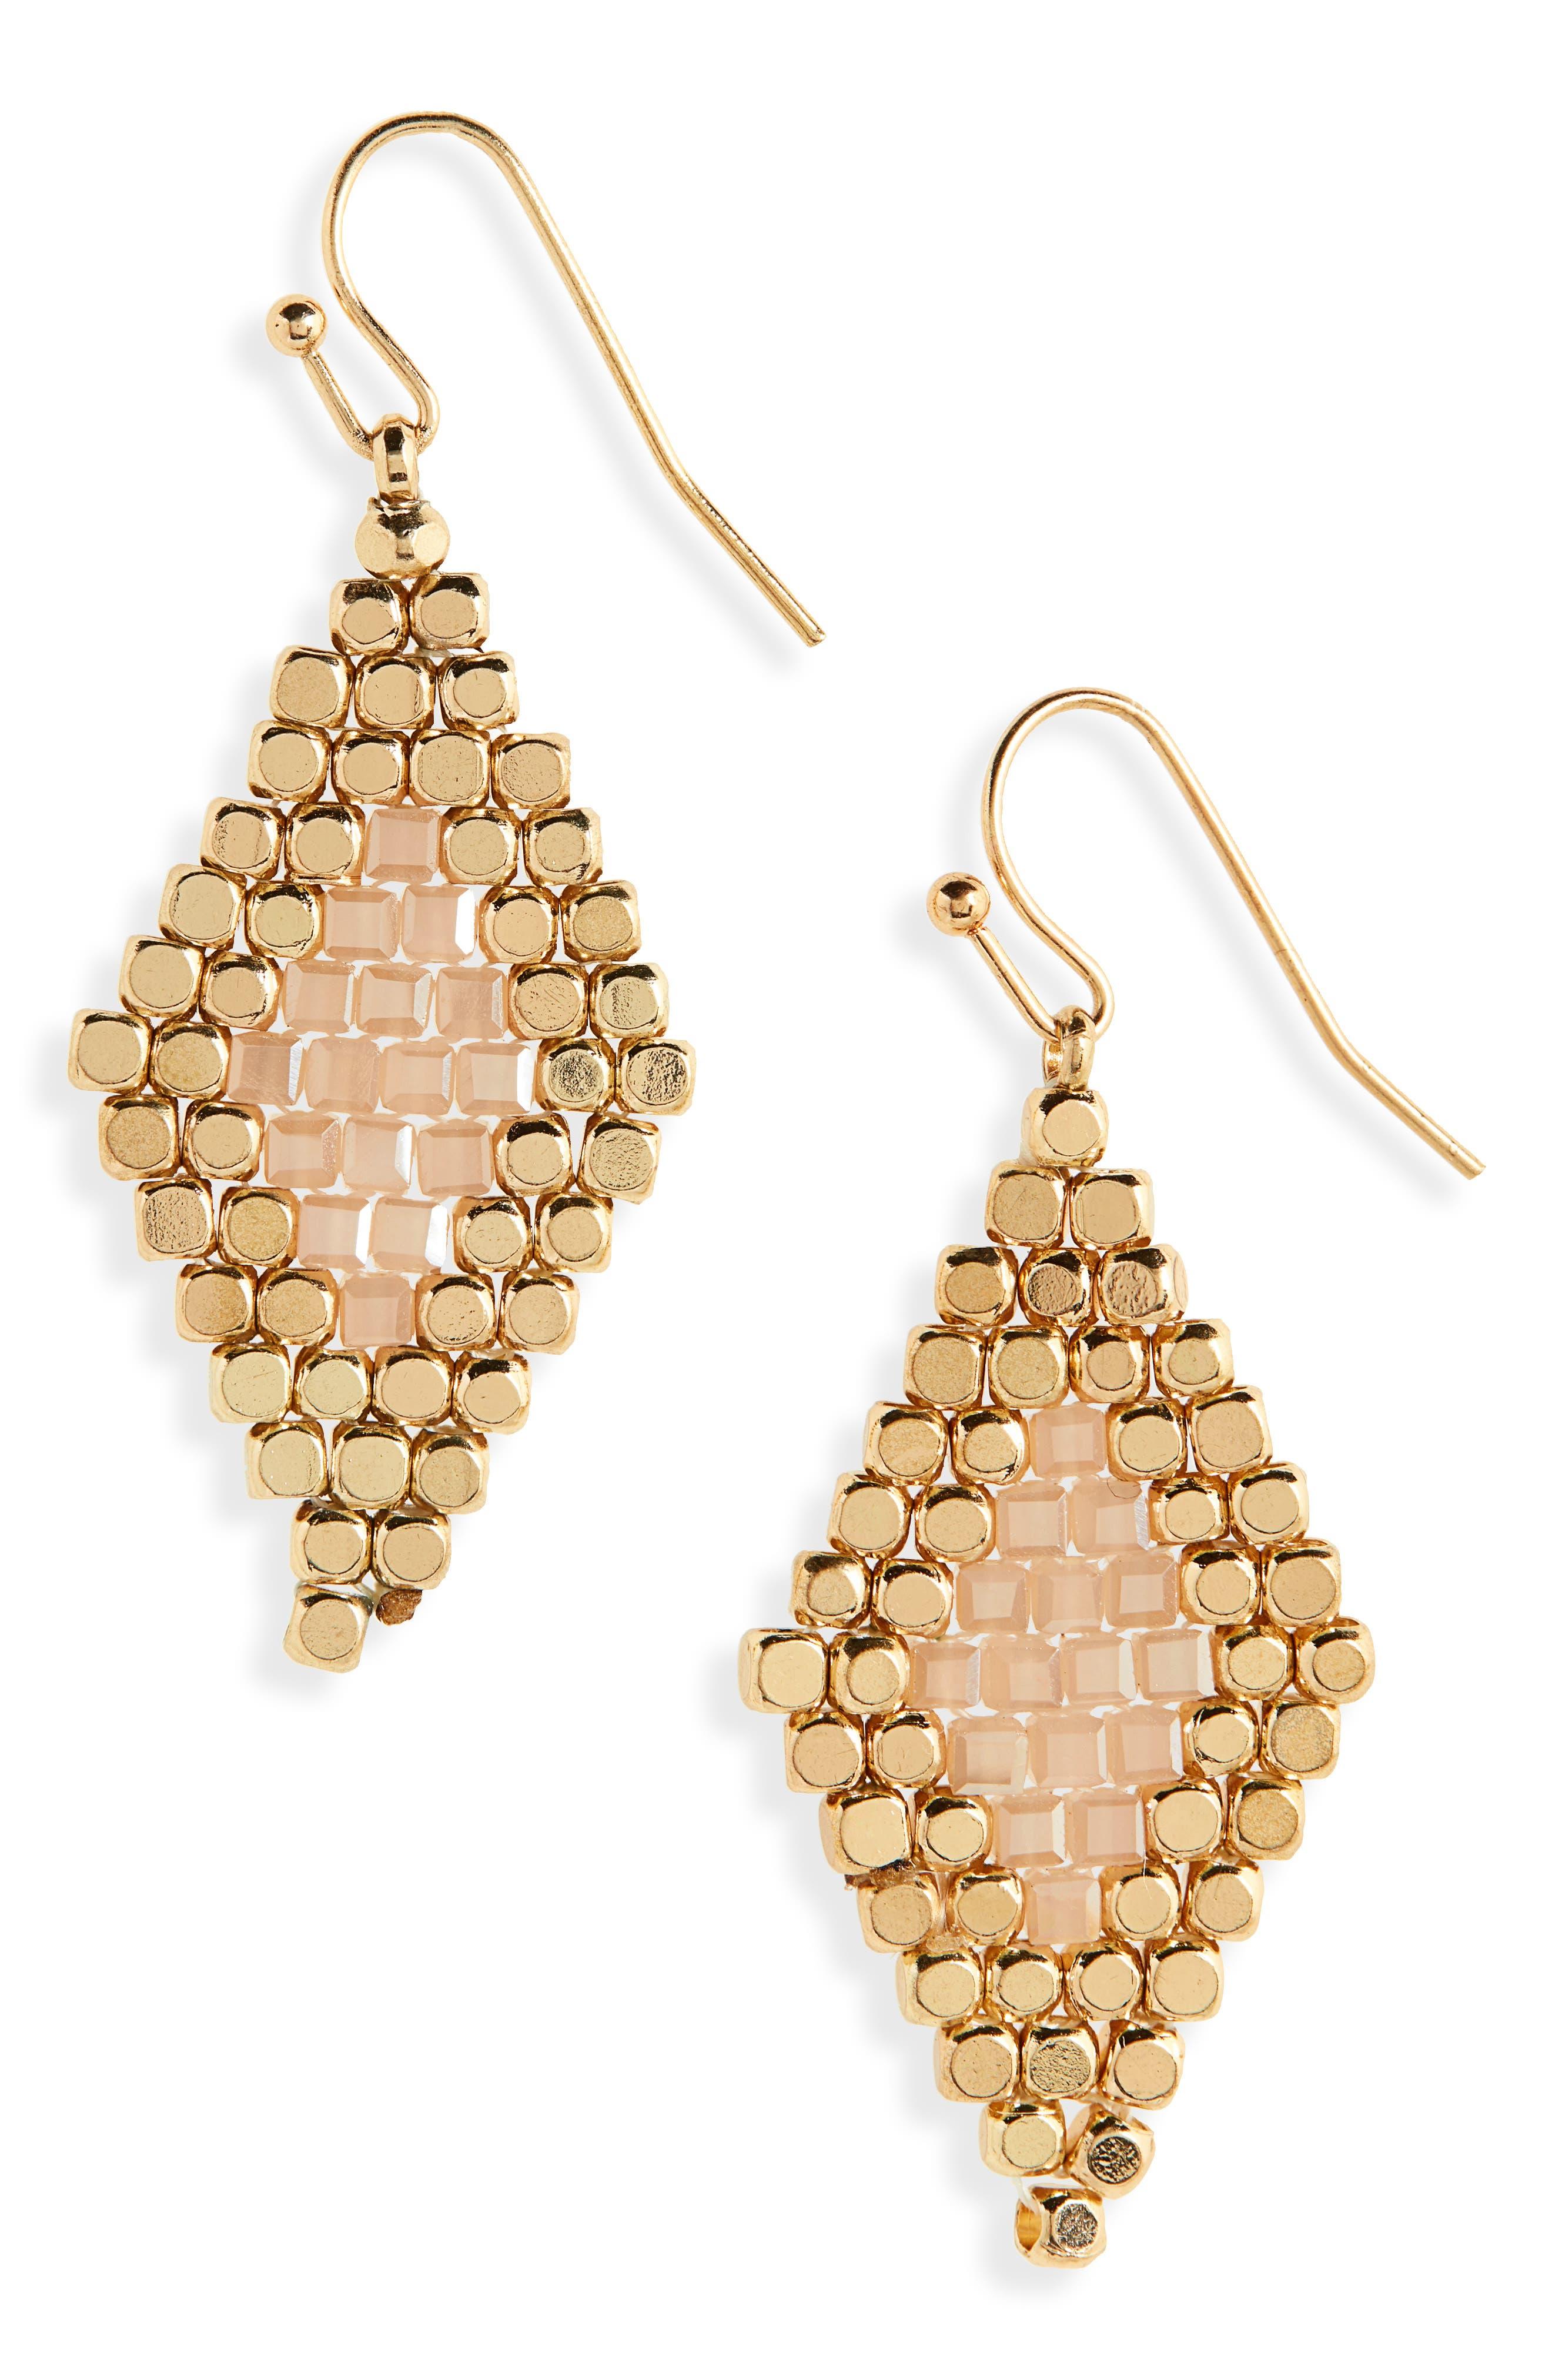 PANACEA Bead & Crystal Earrings in Gold